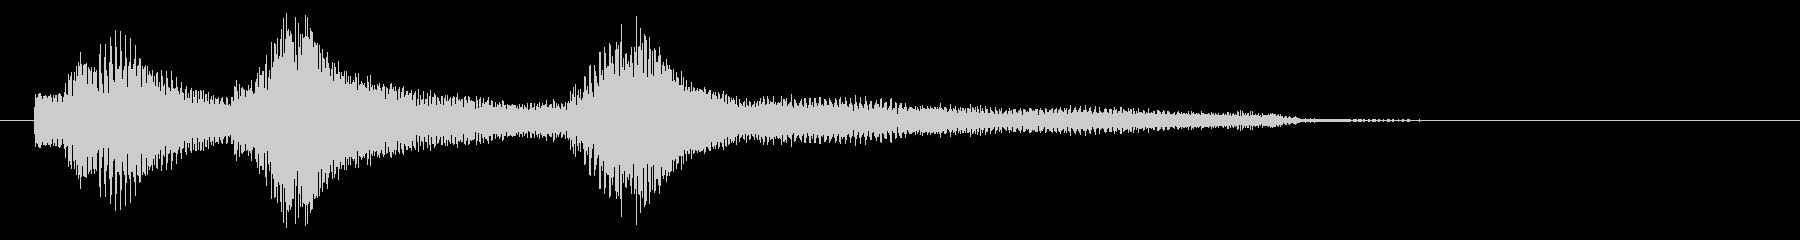 サウンドロゴ(ピアノ)の未再生の波形